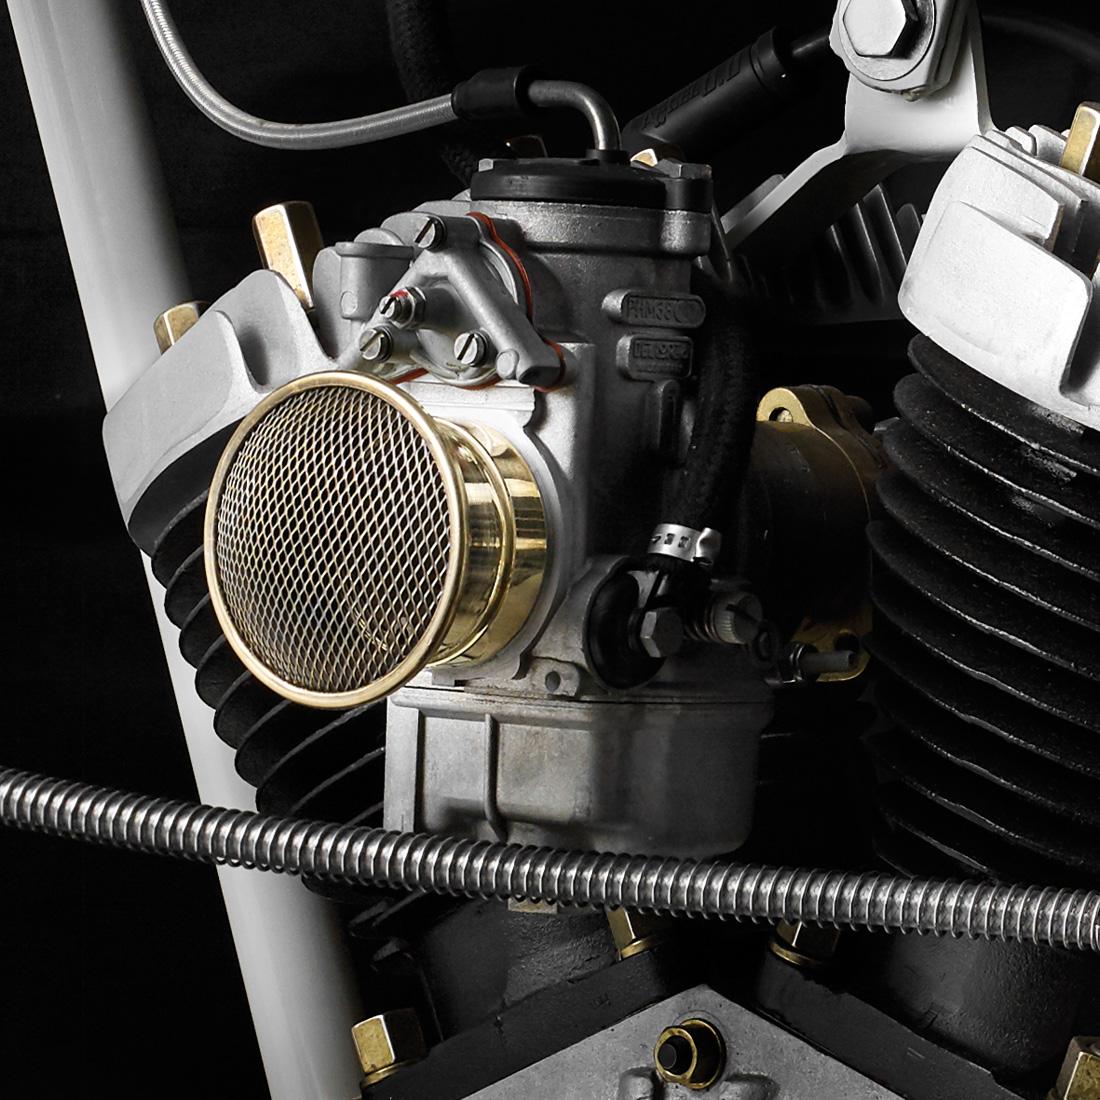 ehinger-_snowracer-detail-motor